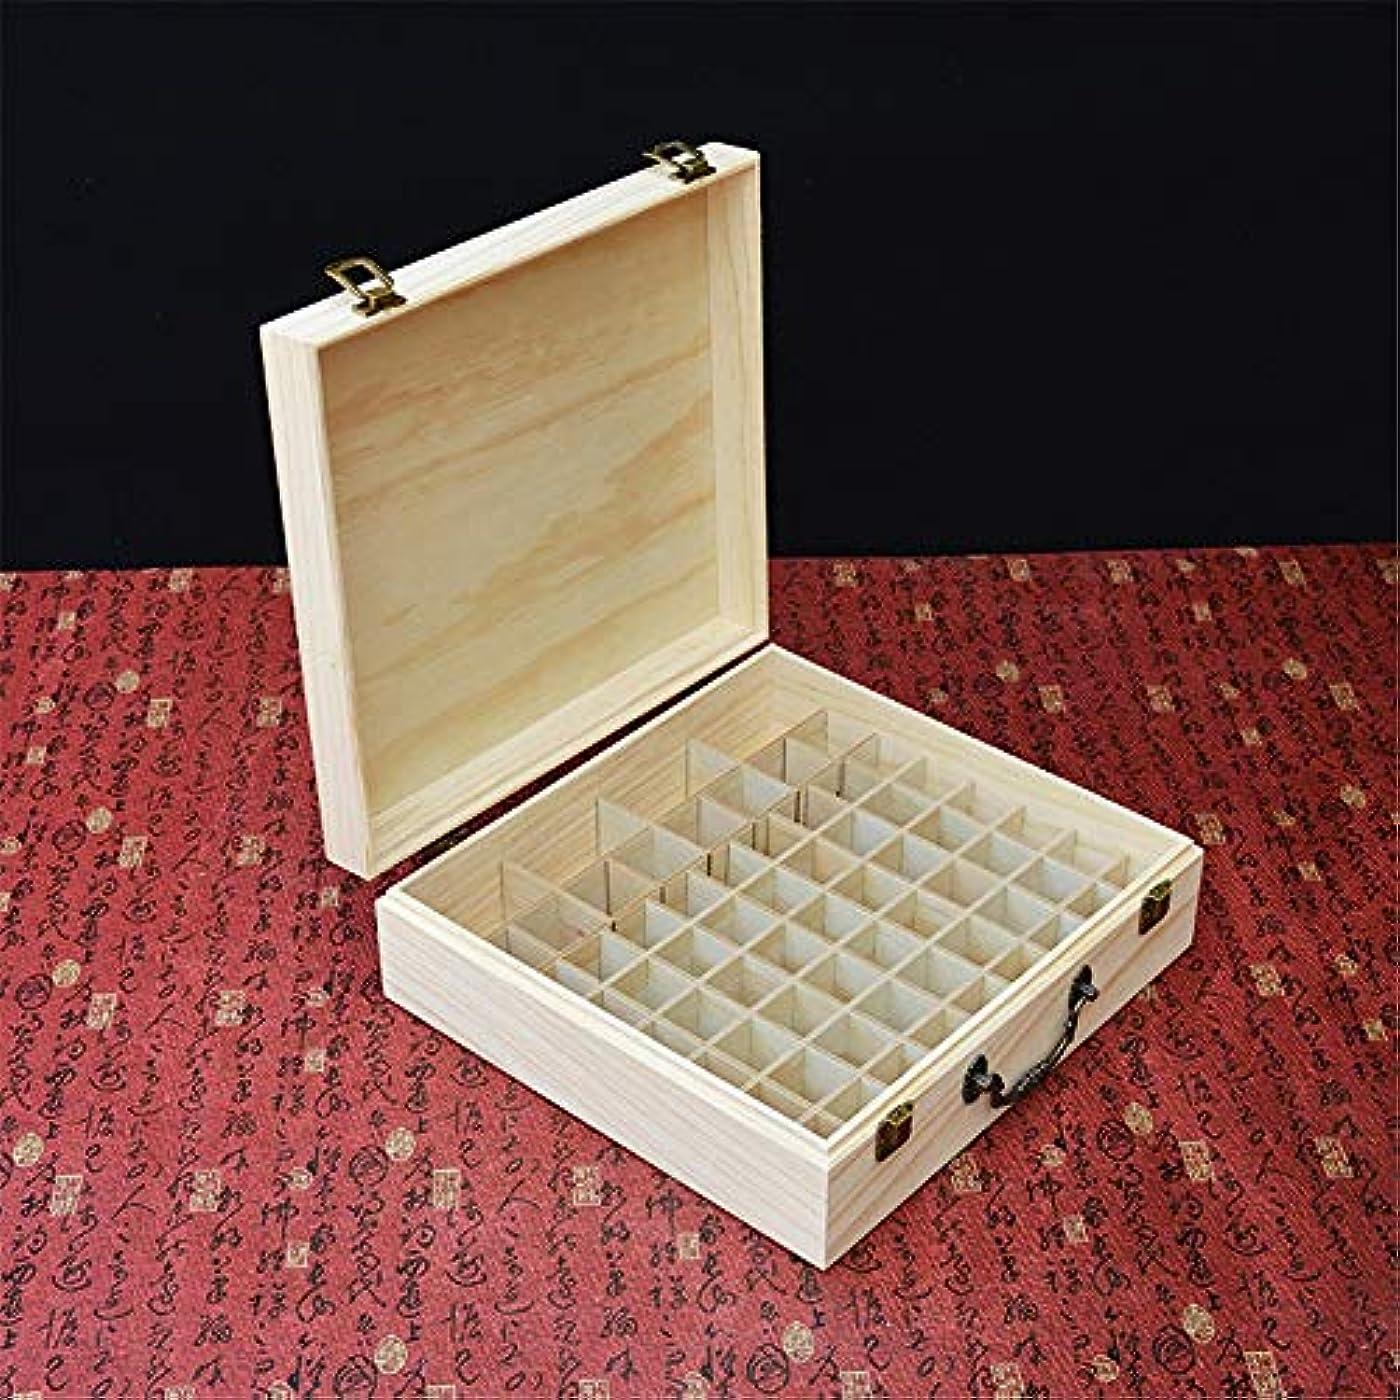 開拓者リングフェデレーション精油ケース 66スロット旅行やプレゼンテーションのために木製のエッセンシャルオイルストレージボックスパーフェクト 携帯便利 (色 : Natural, サイズ : 31.5X29X10CM)